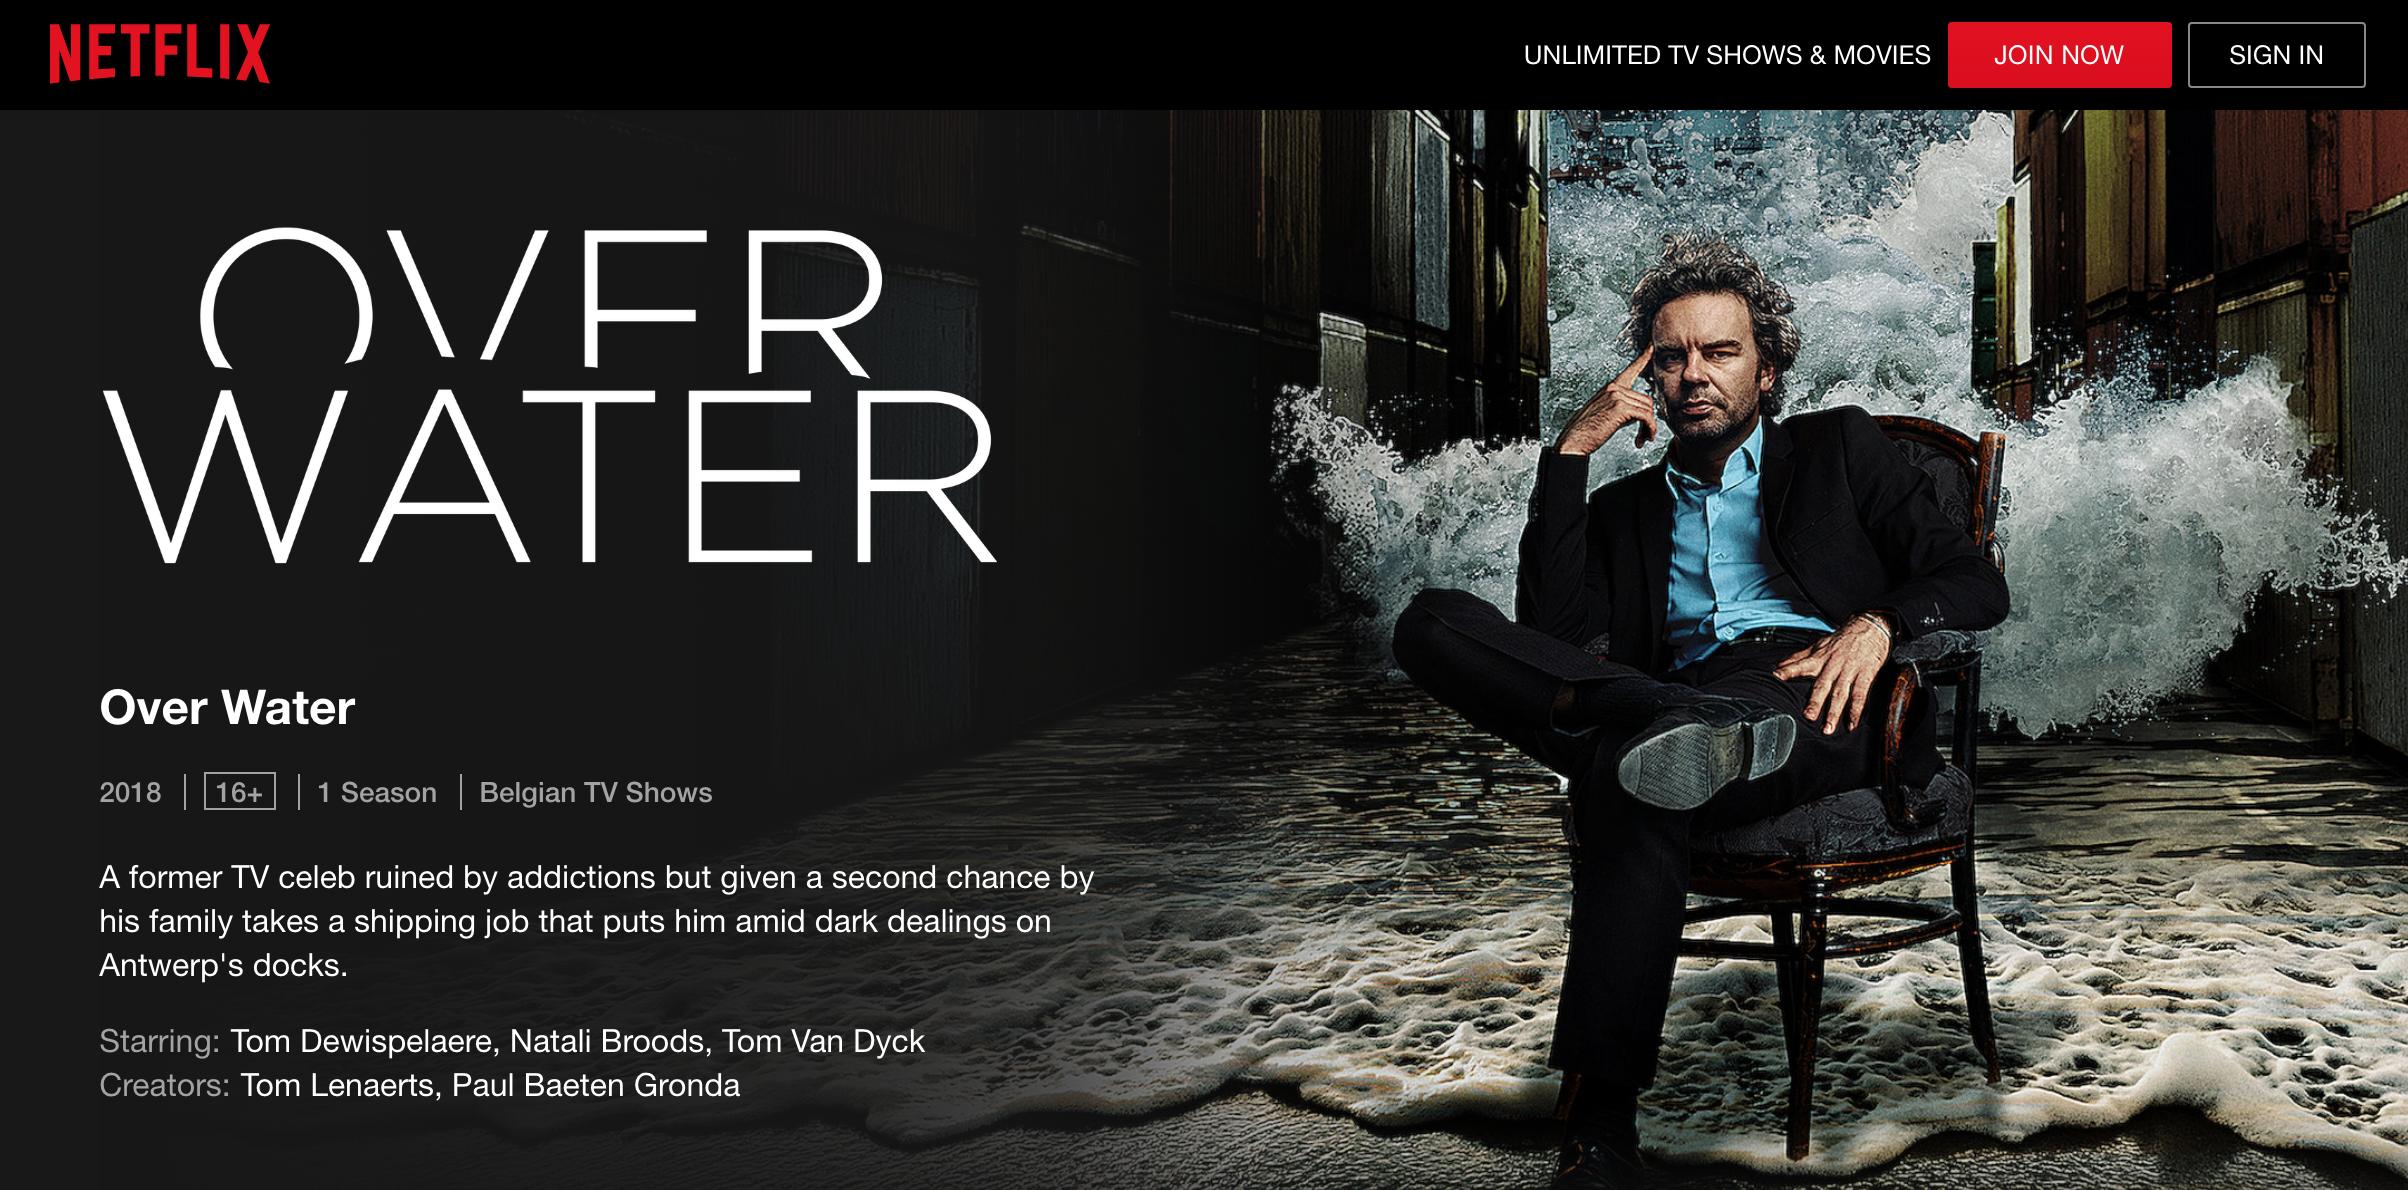 Over Water Netflix